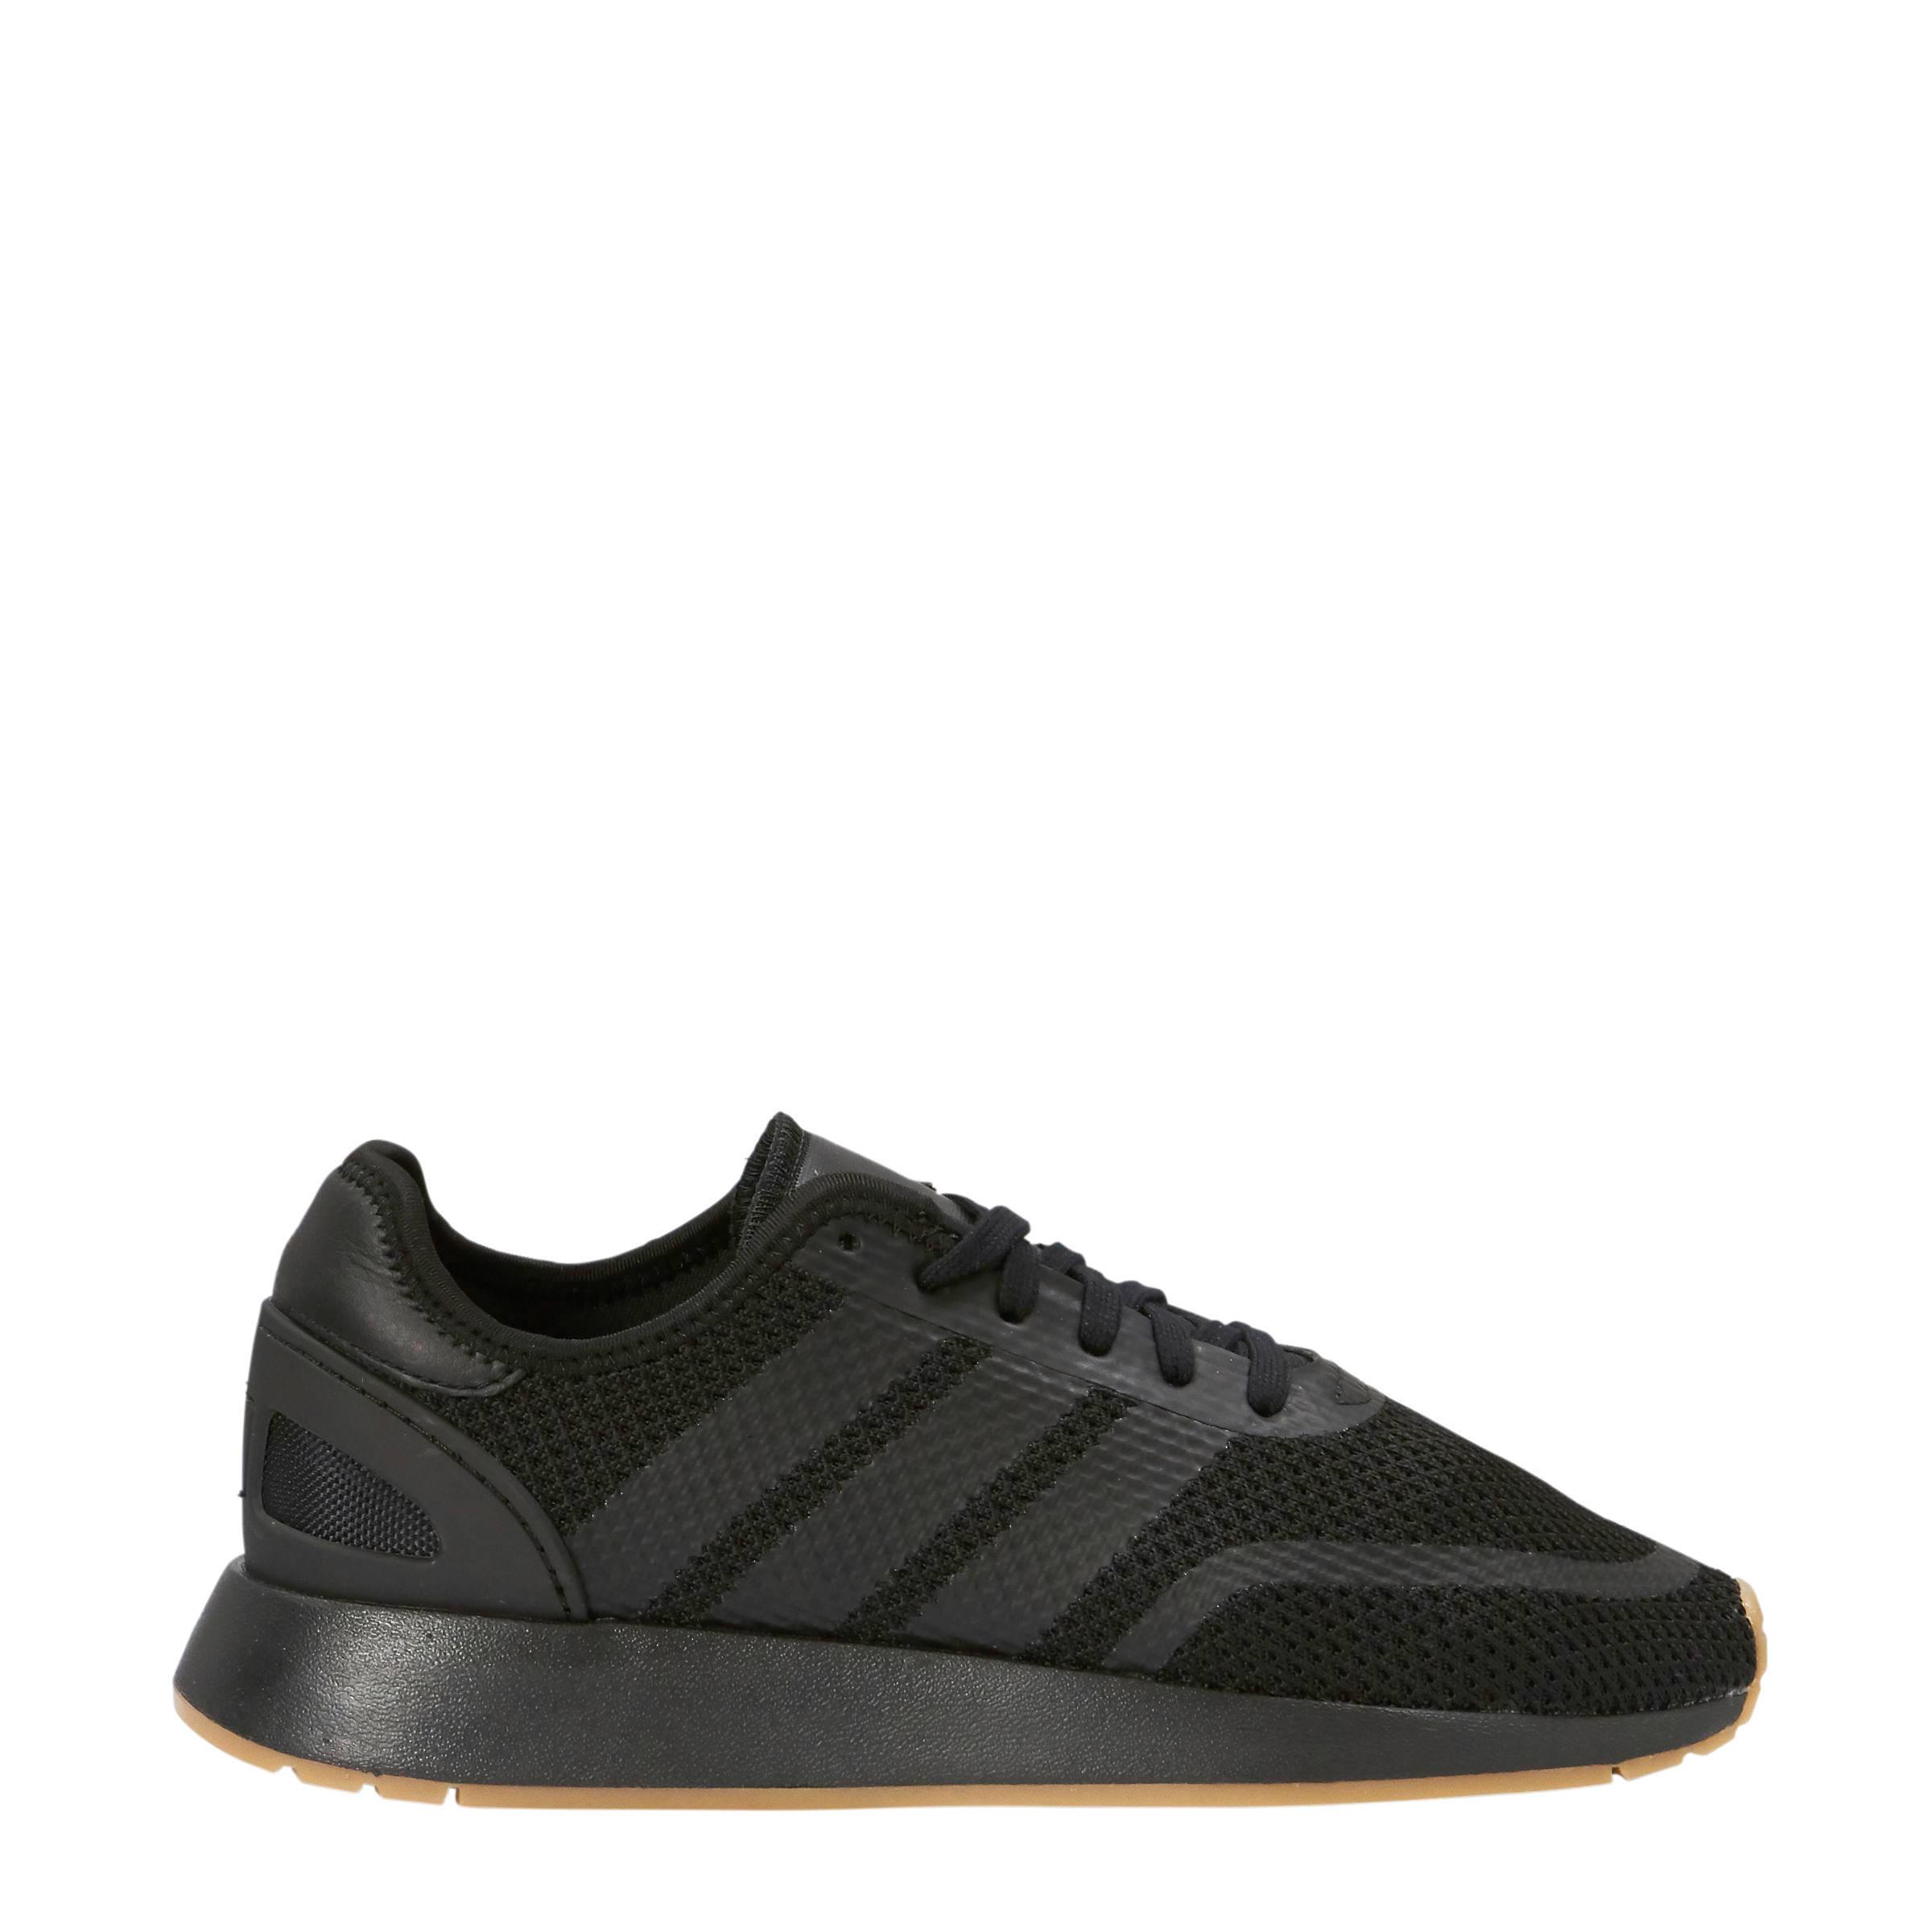 Sneakers Zwart 5923 Adidas Adidas Originalsn Ygvb7f6y